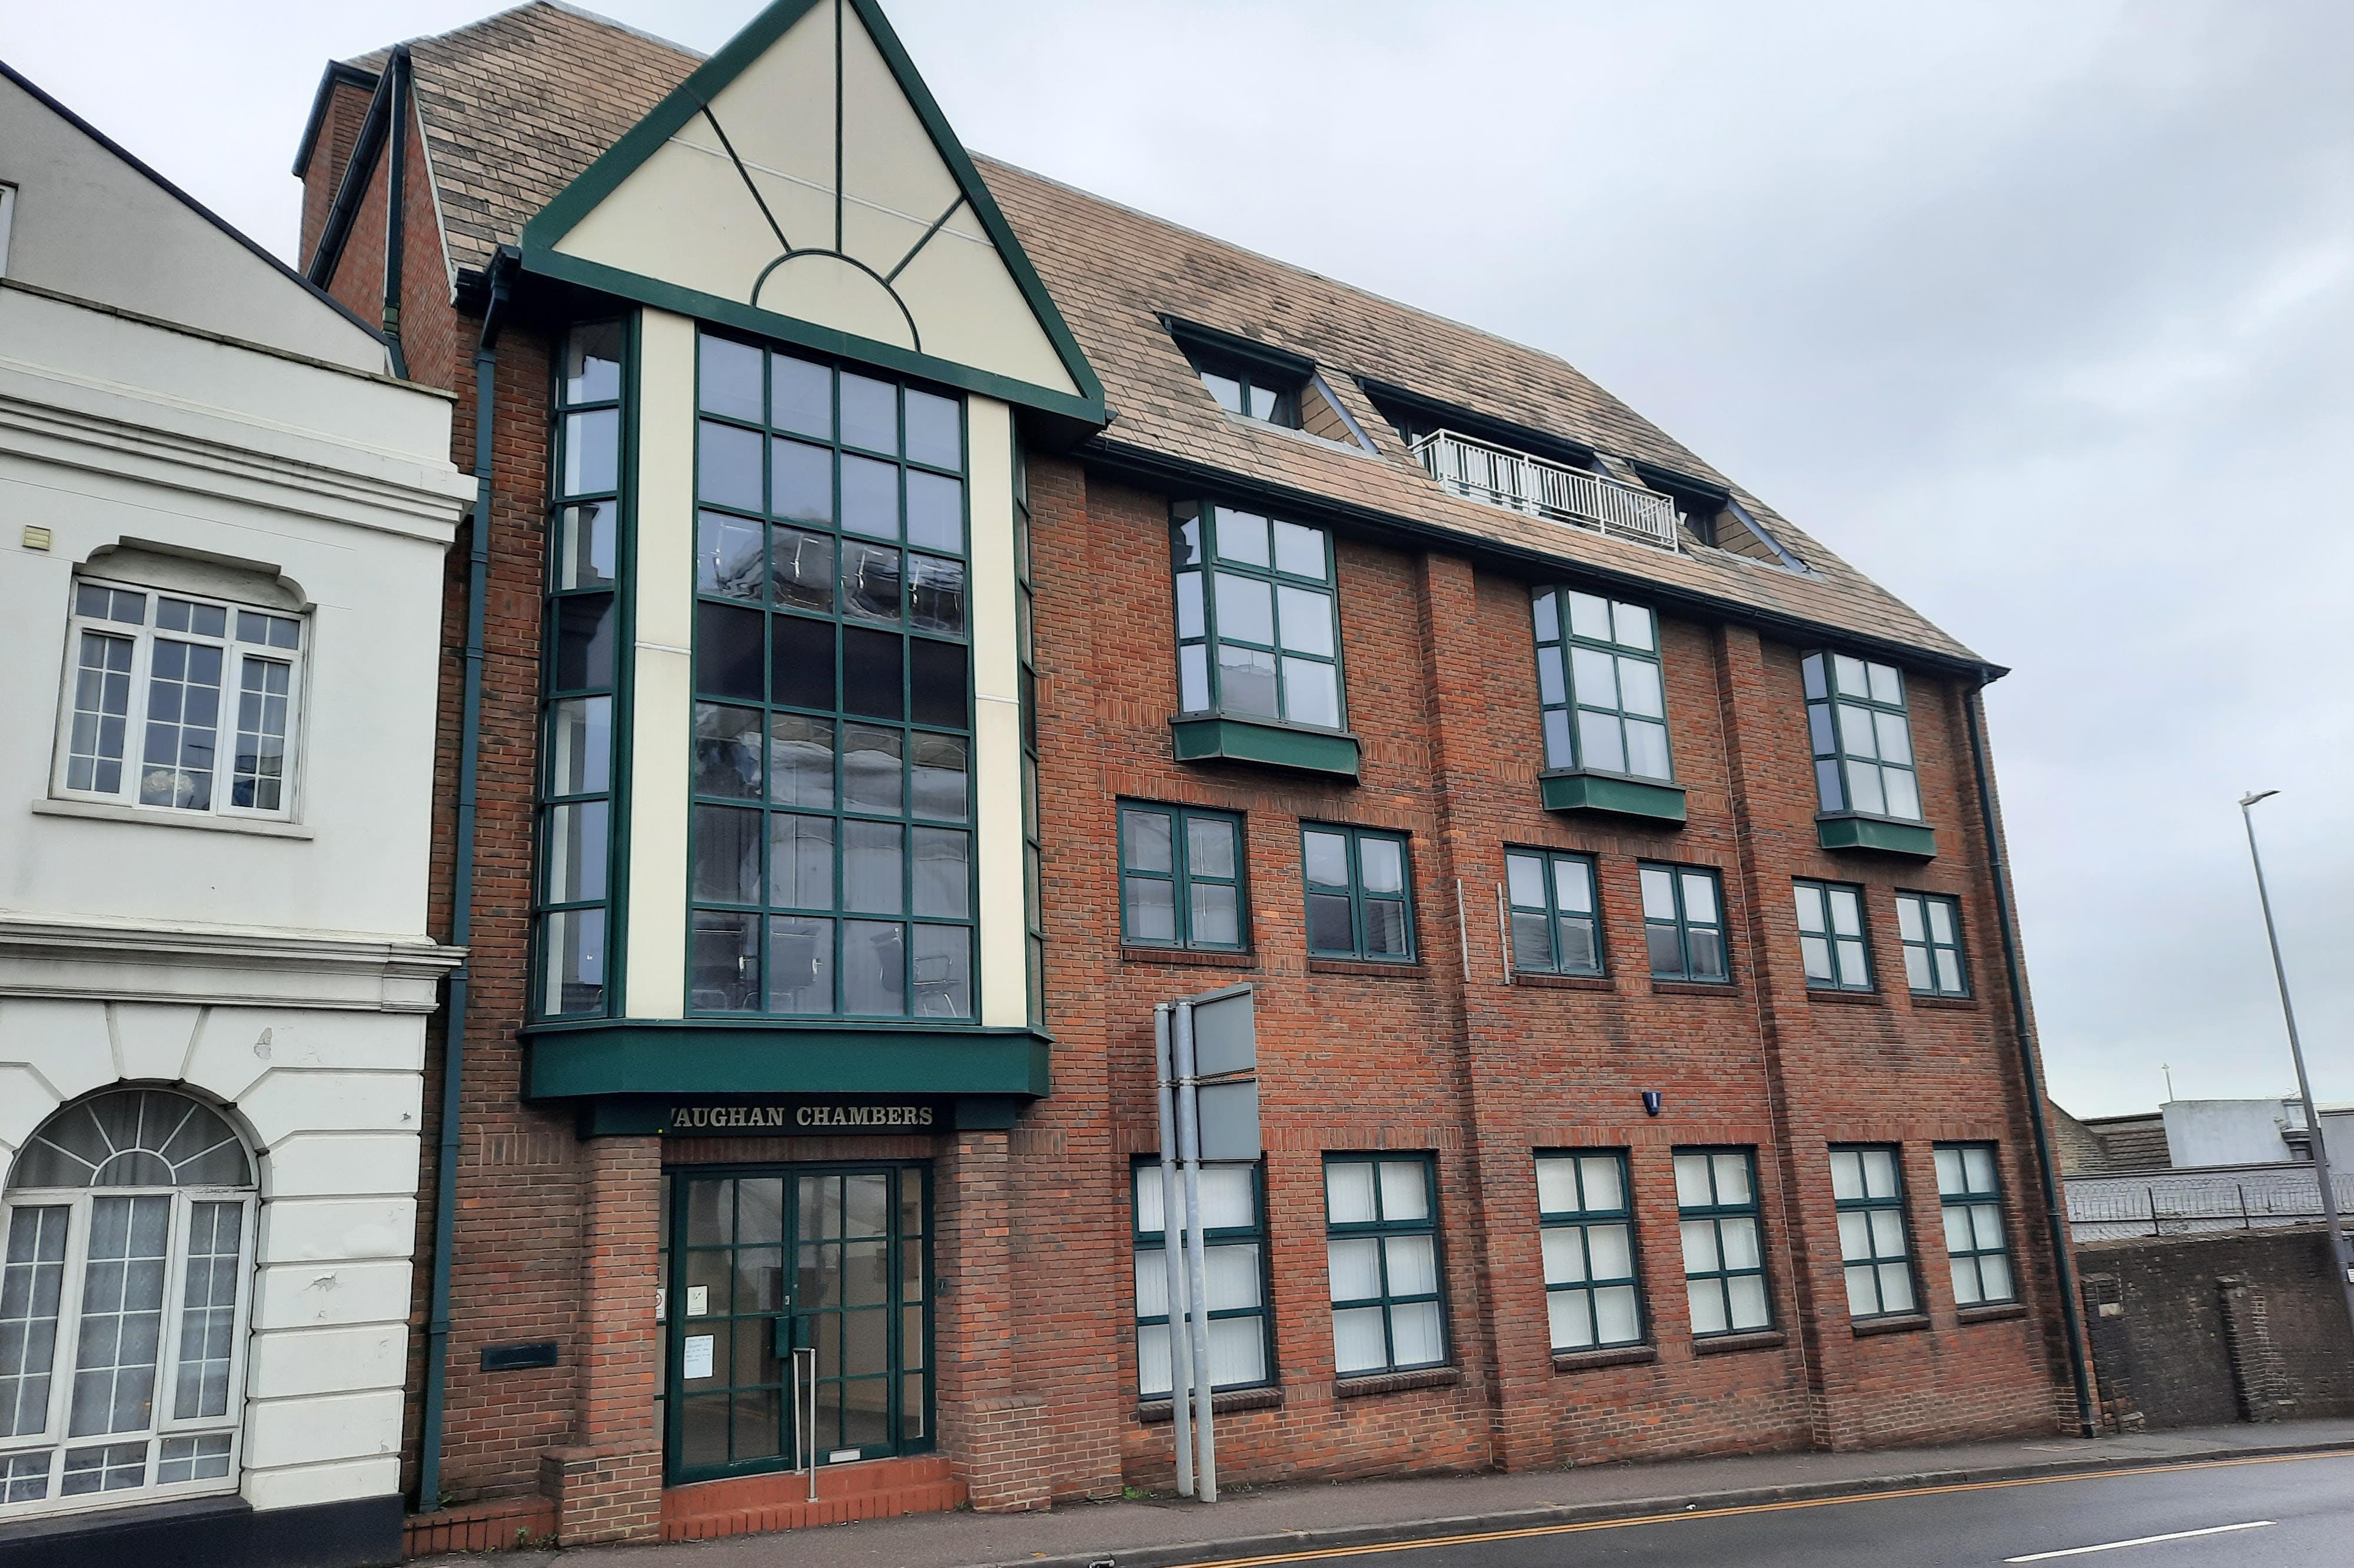 Vaughan Chambers, 4 Tonbridge Road, Maidstone, Office To Let - 20210217_085641.jpg